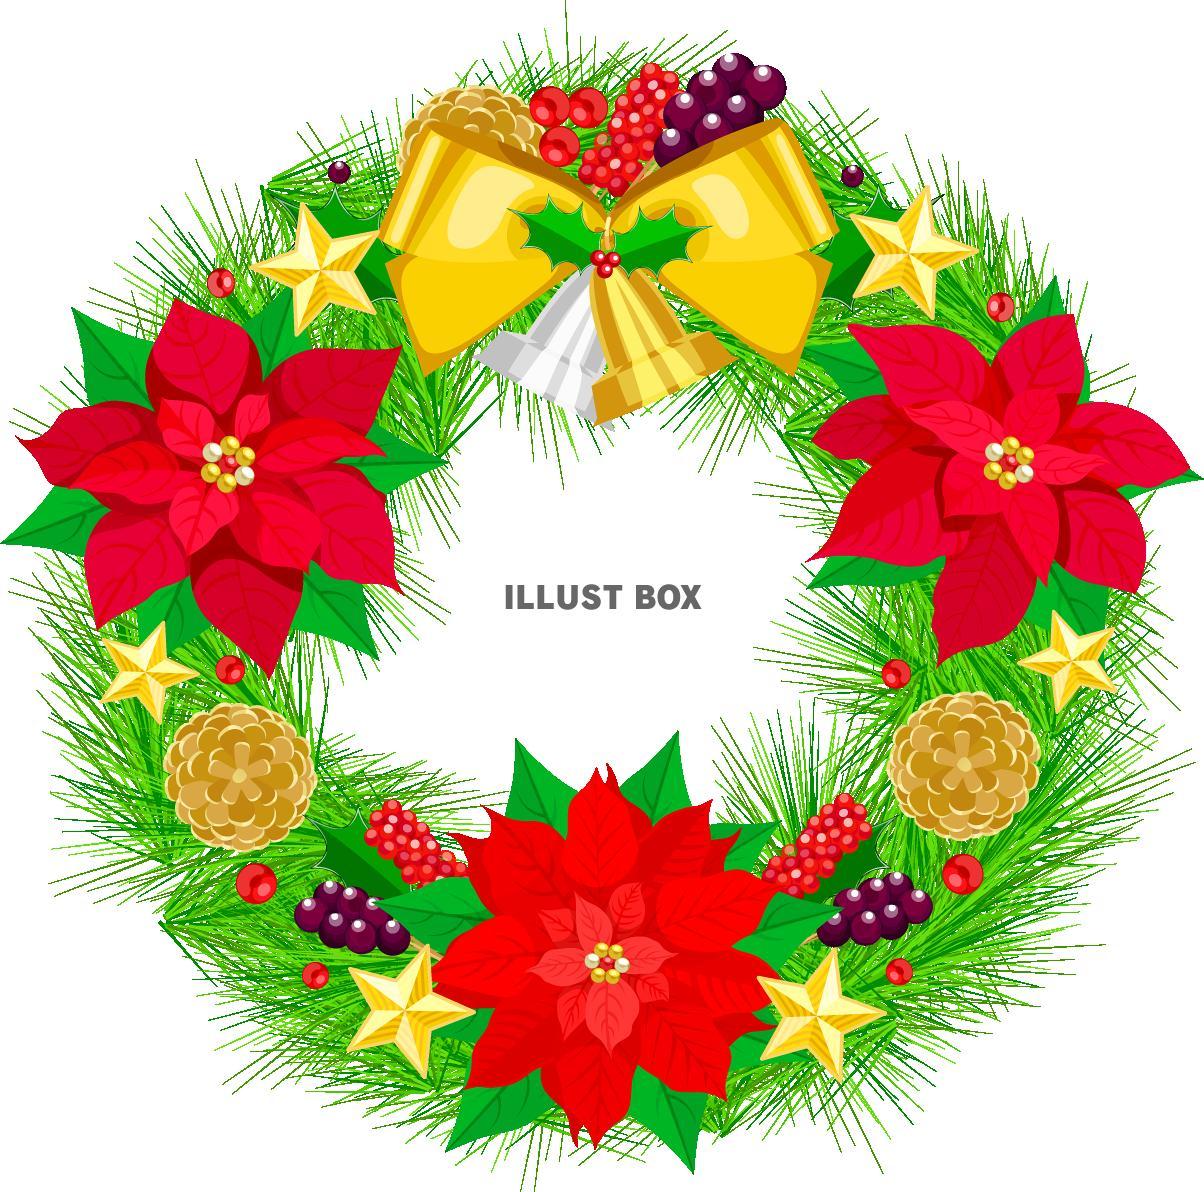 クリスマスリースのイラスト画像・素材まとめ!【無料・フリー】のサムネイル画像